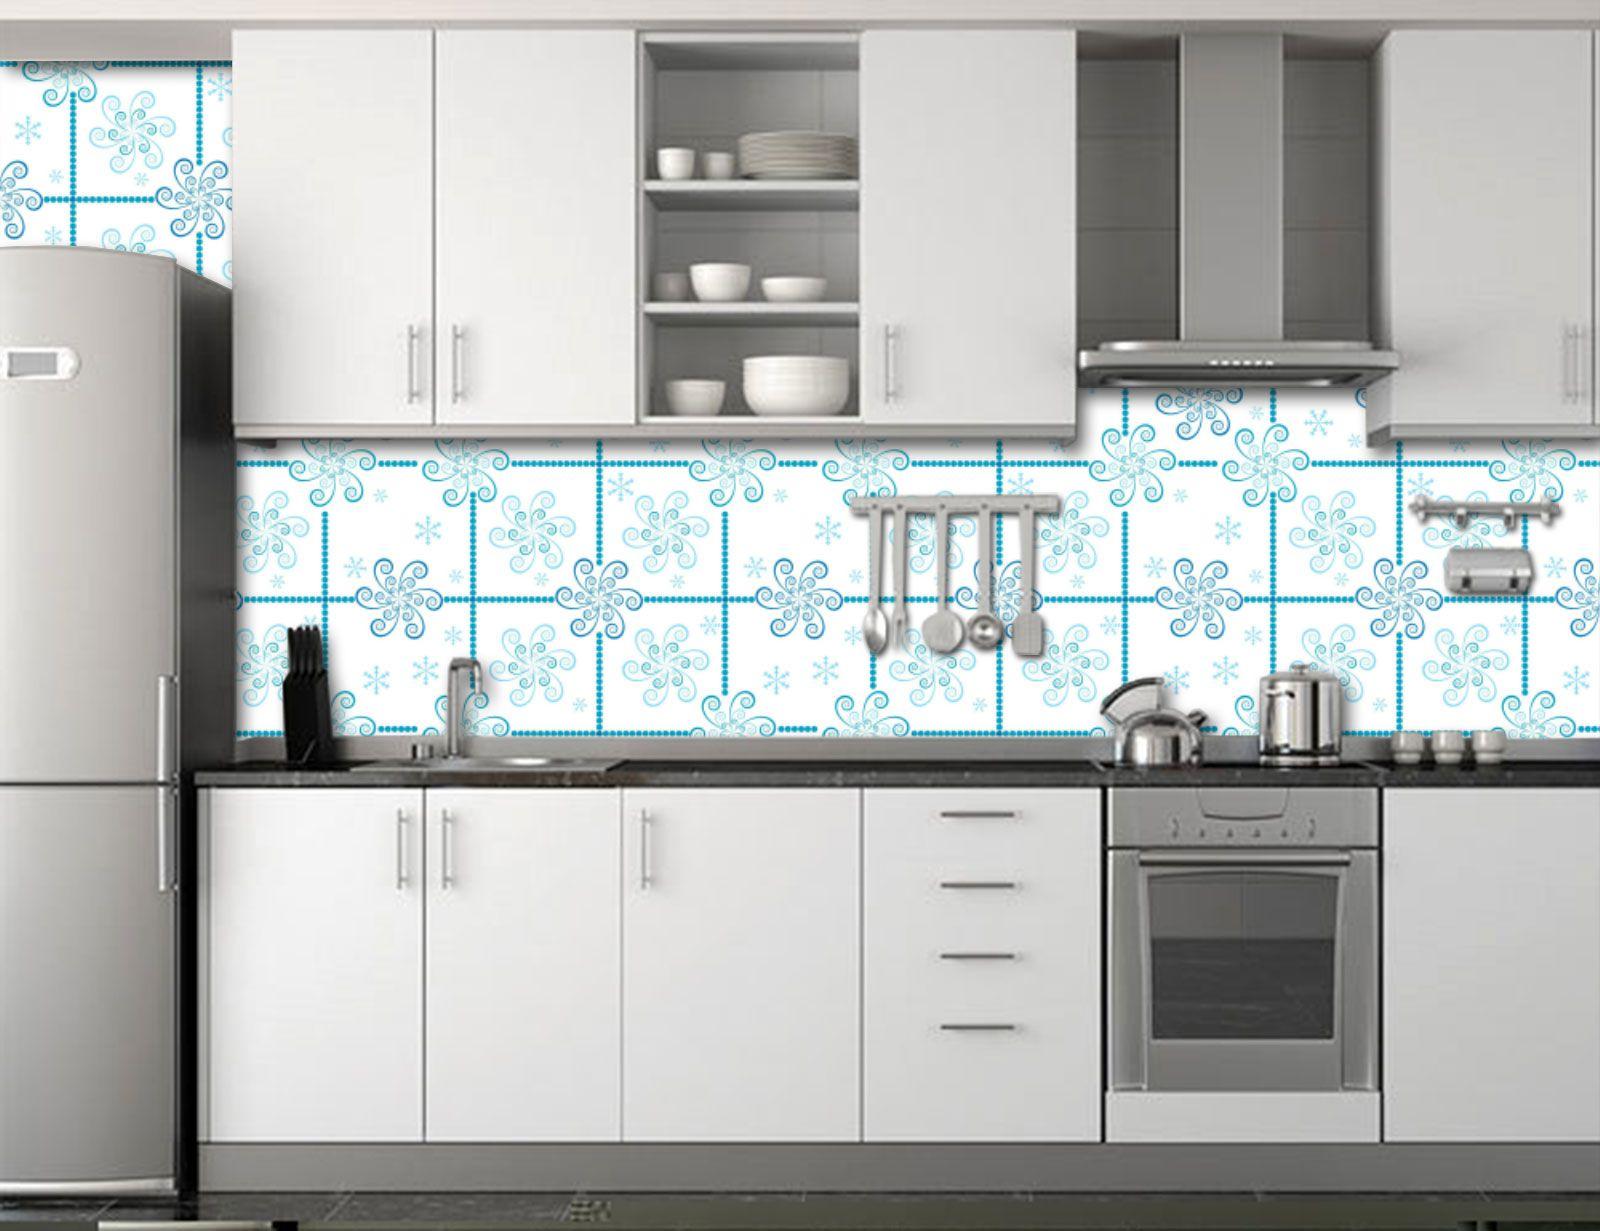 Papel de Parede para Cozinha Azulejos 0004 - Adesivos de Parede